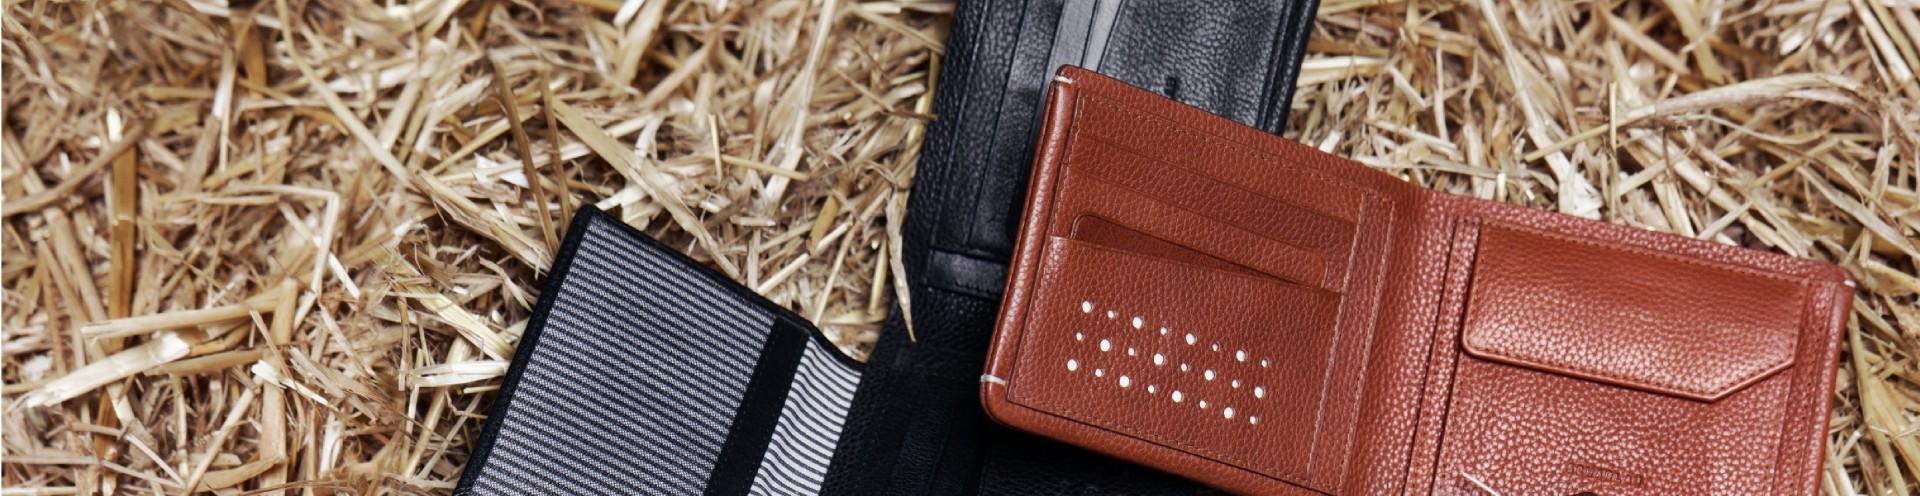 Portafogli e portecarte in Pelle di alta qualità da uomo